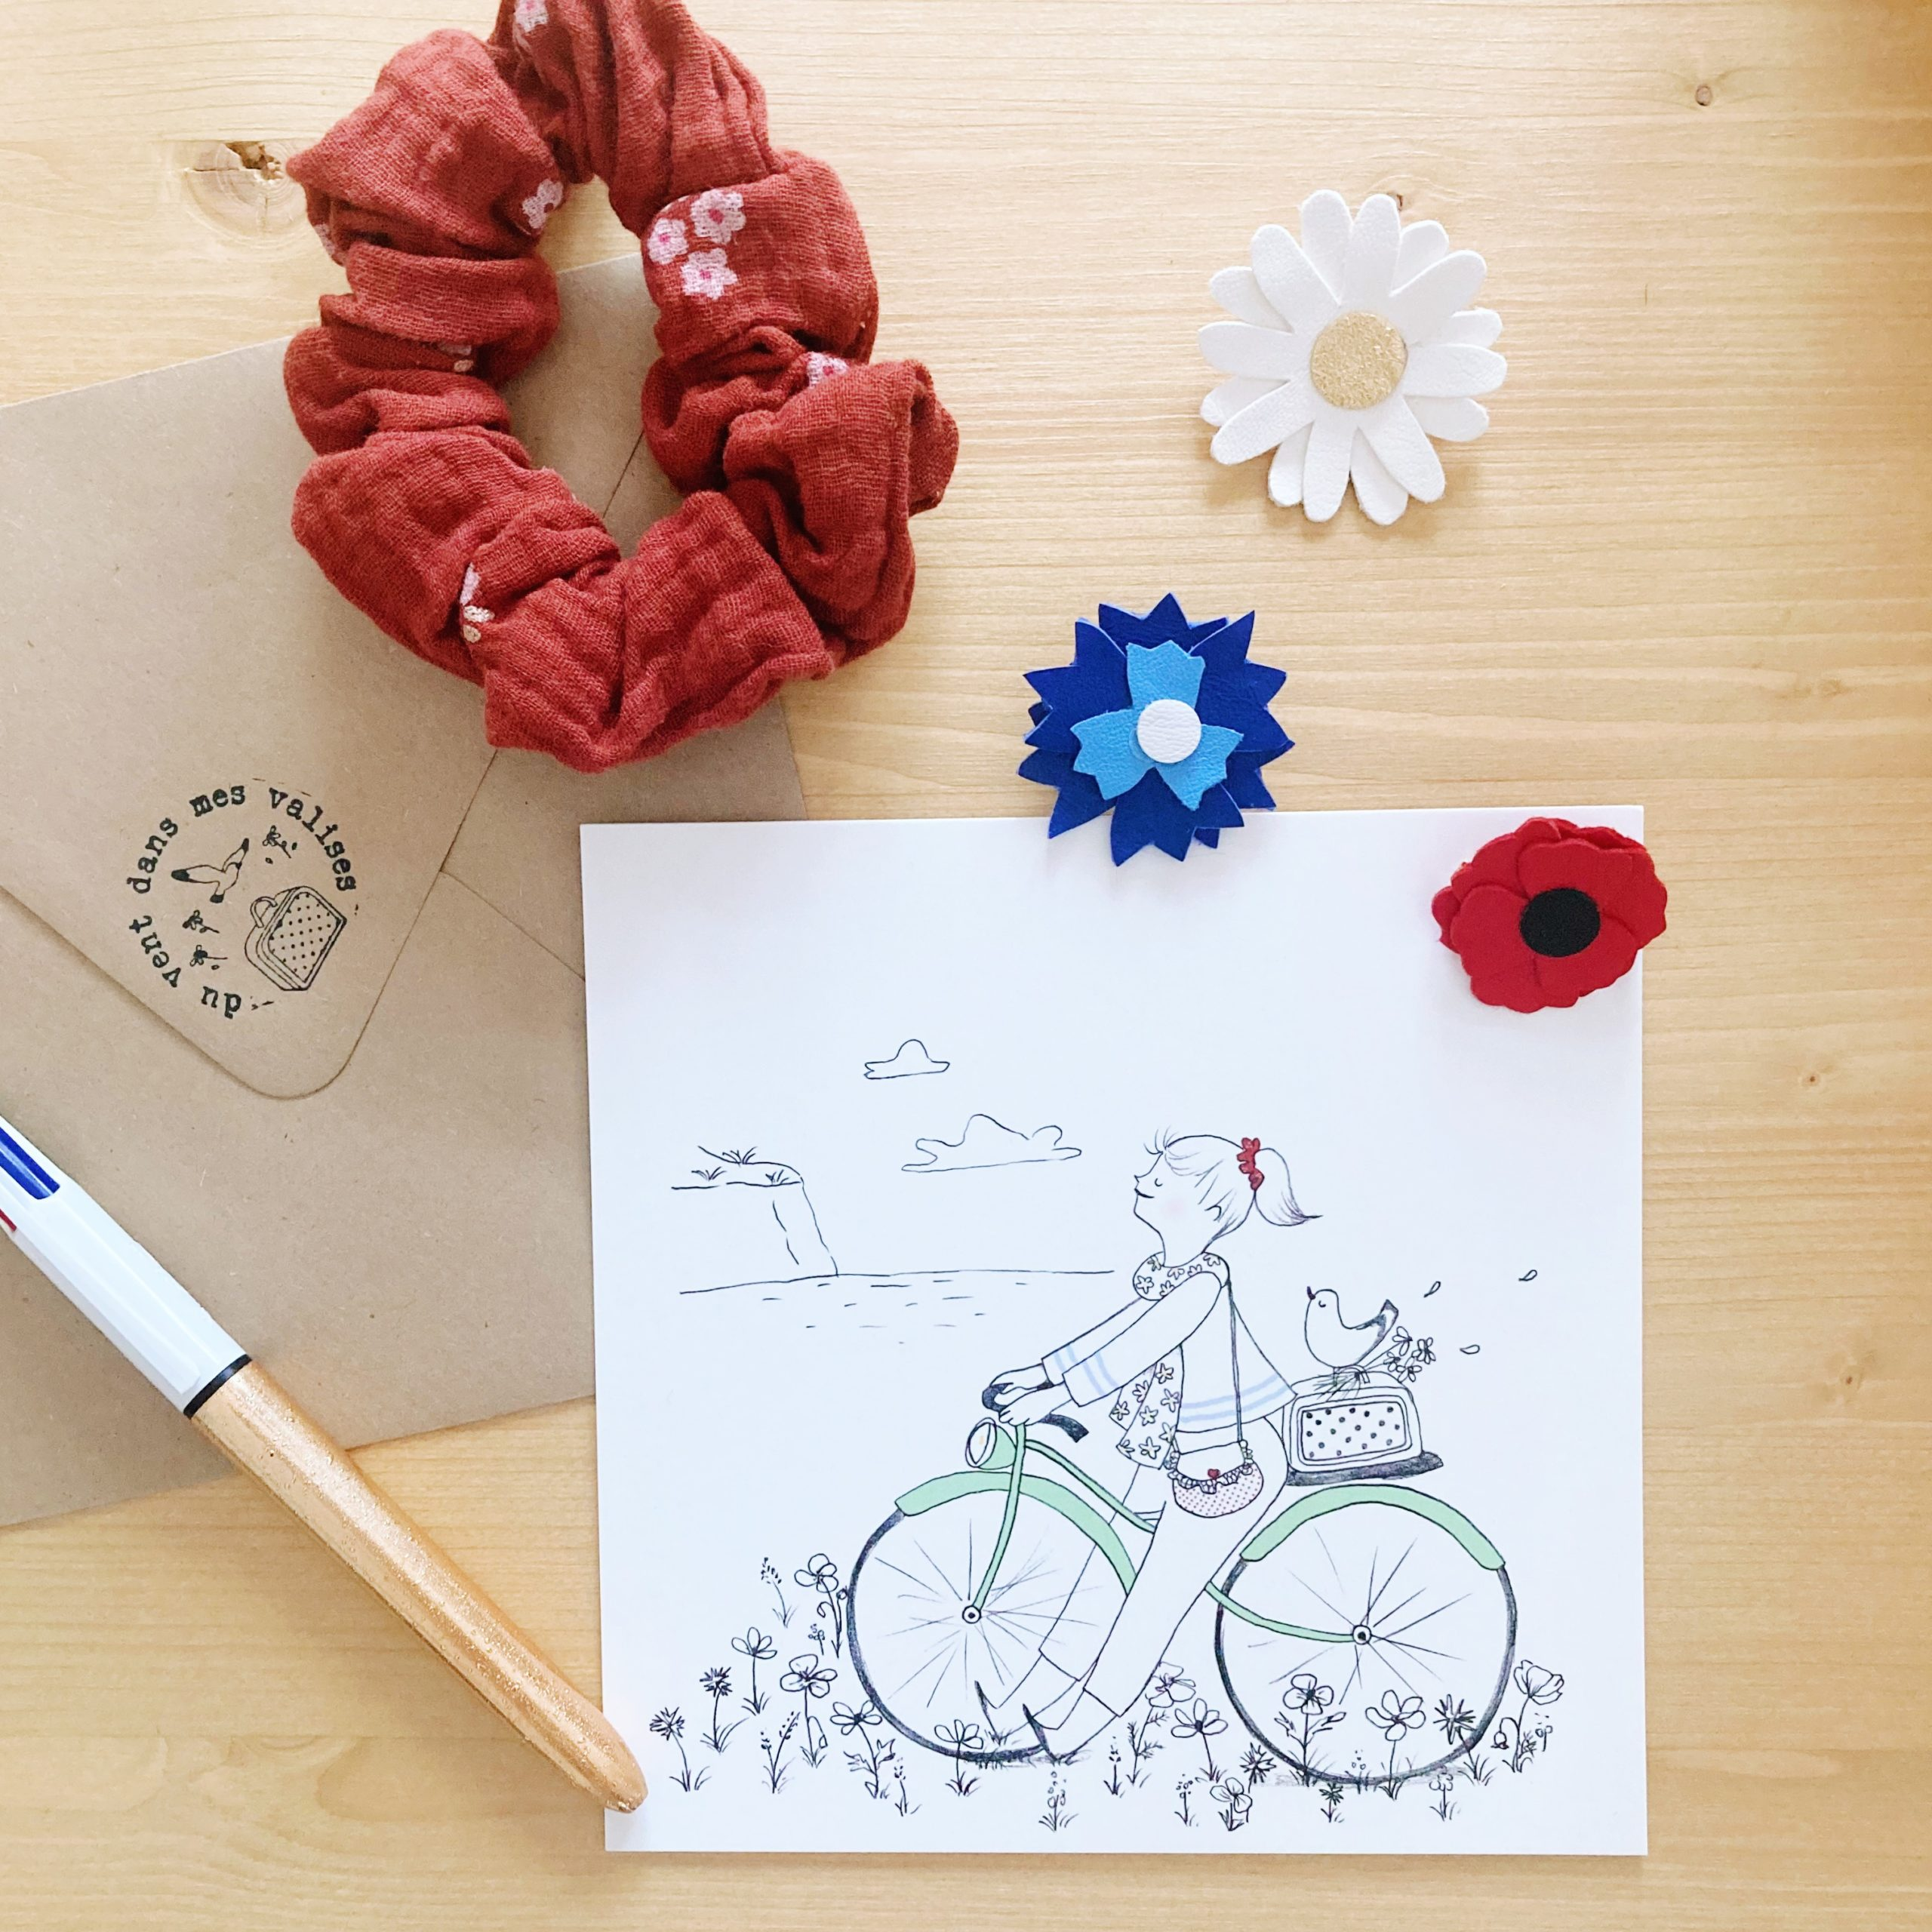 carte illustrée poétique fabrication artisanale française, le vélo - du vent dans mes valises x Eulalie sous la lune